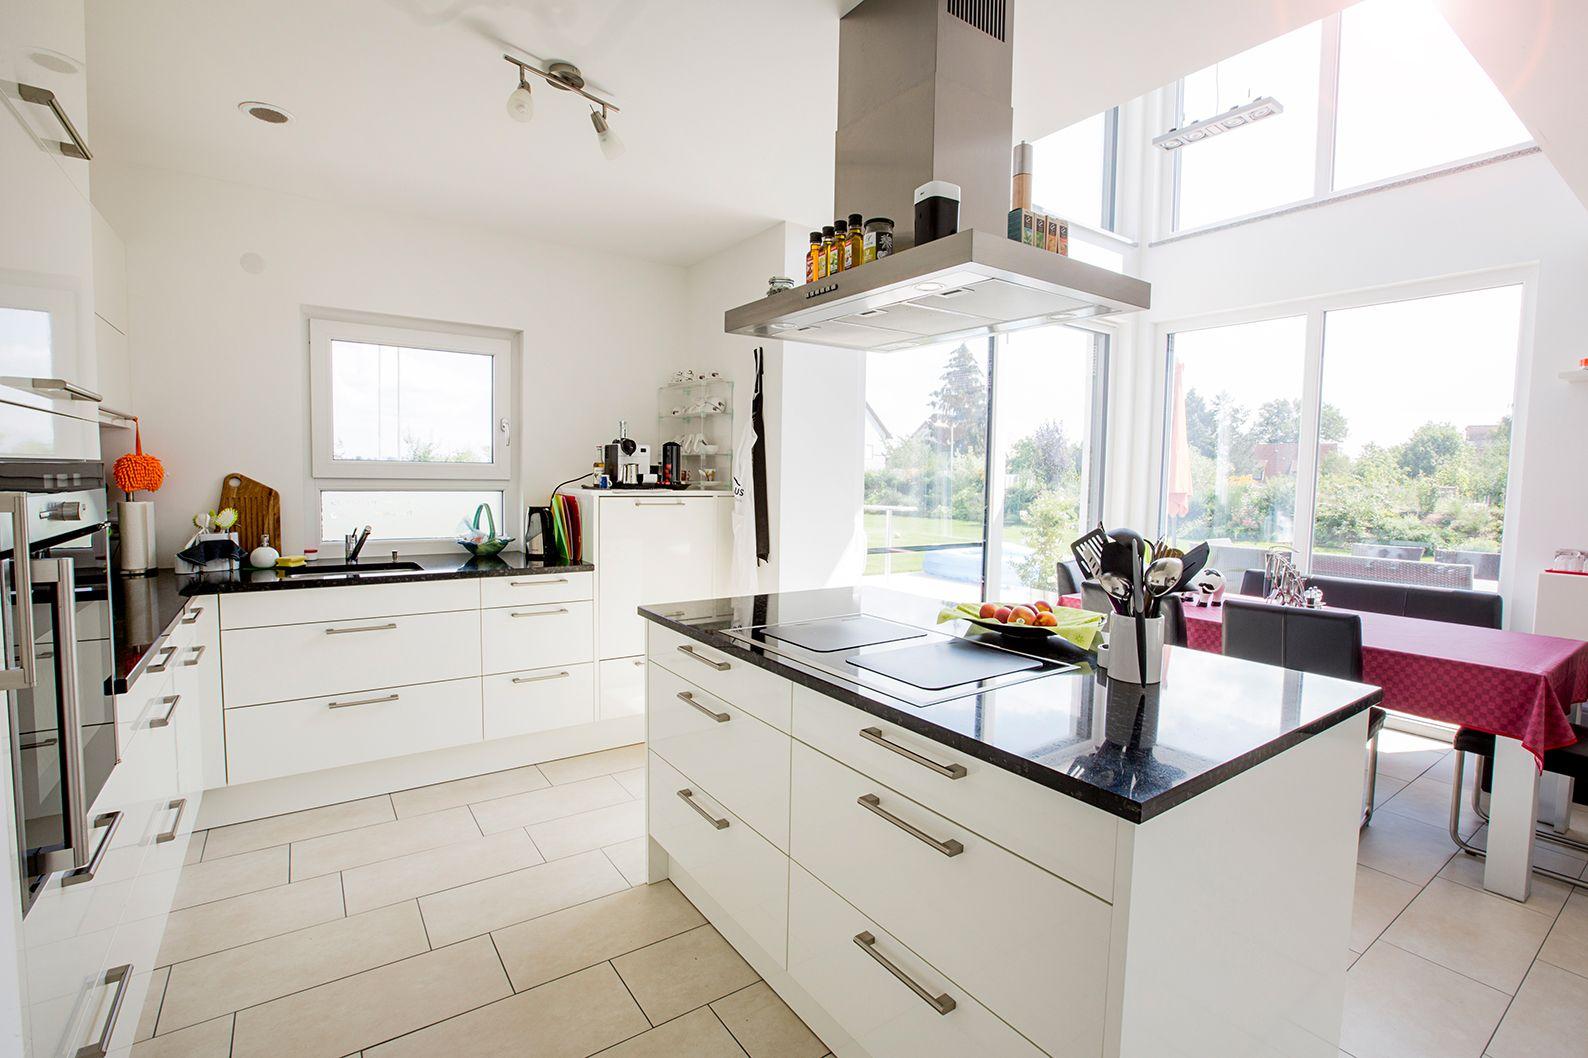 Haus Orchis FischerHaus Fertighaus Küche #Küche #offen #modern #gemütlich  #Insel #